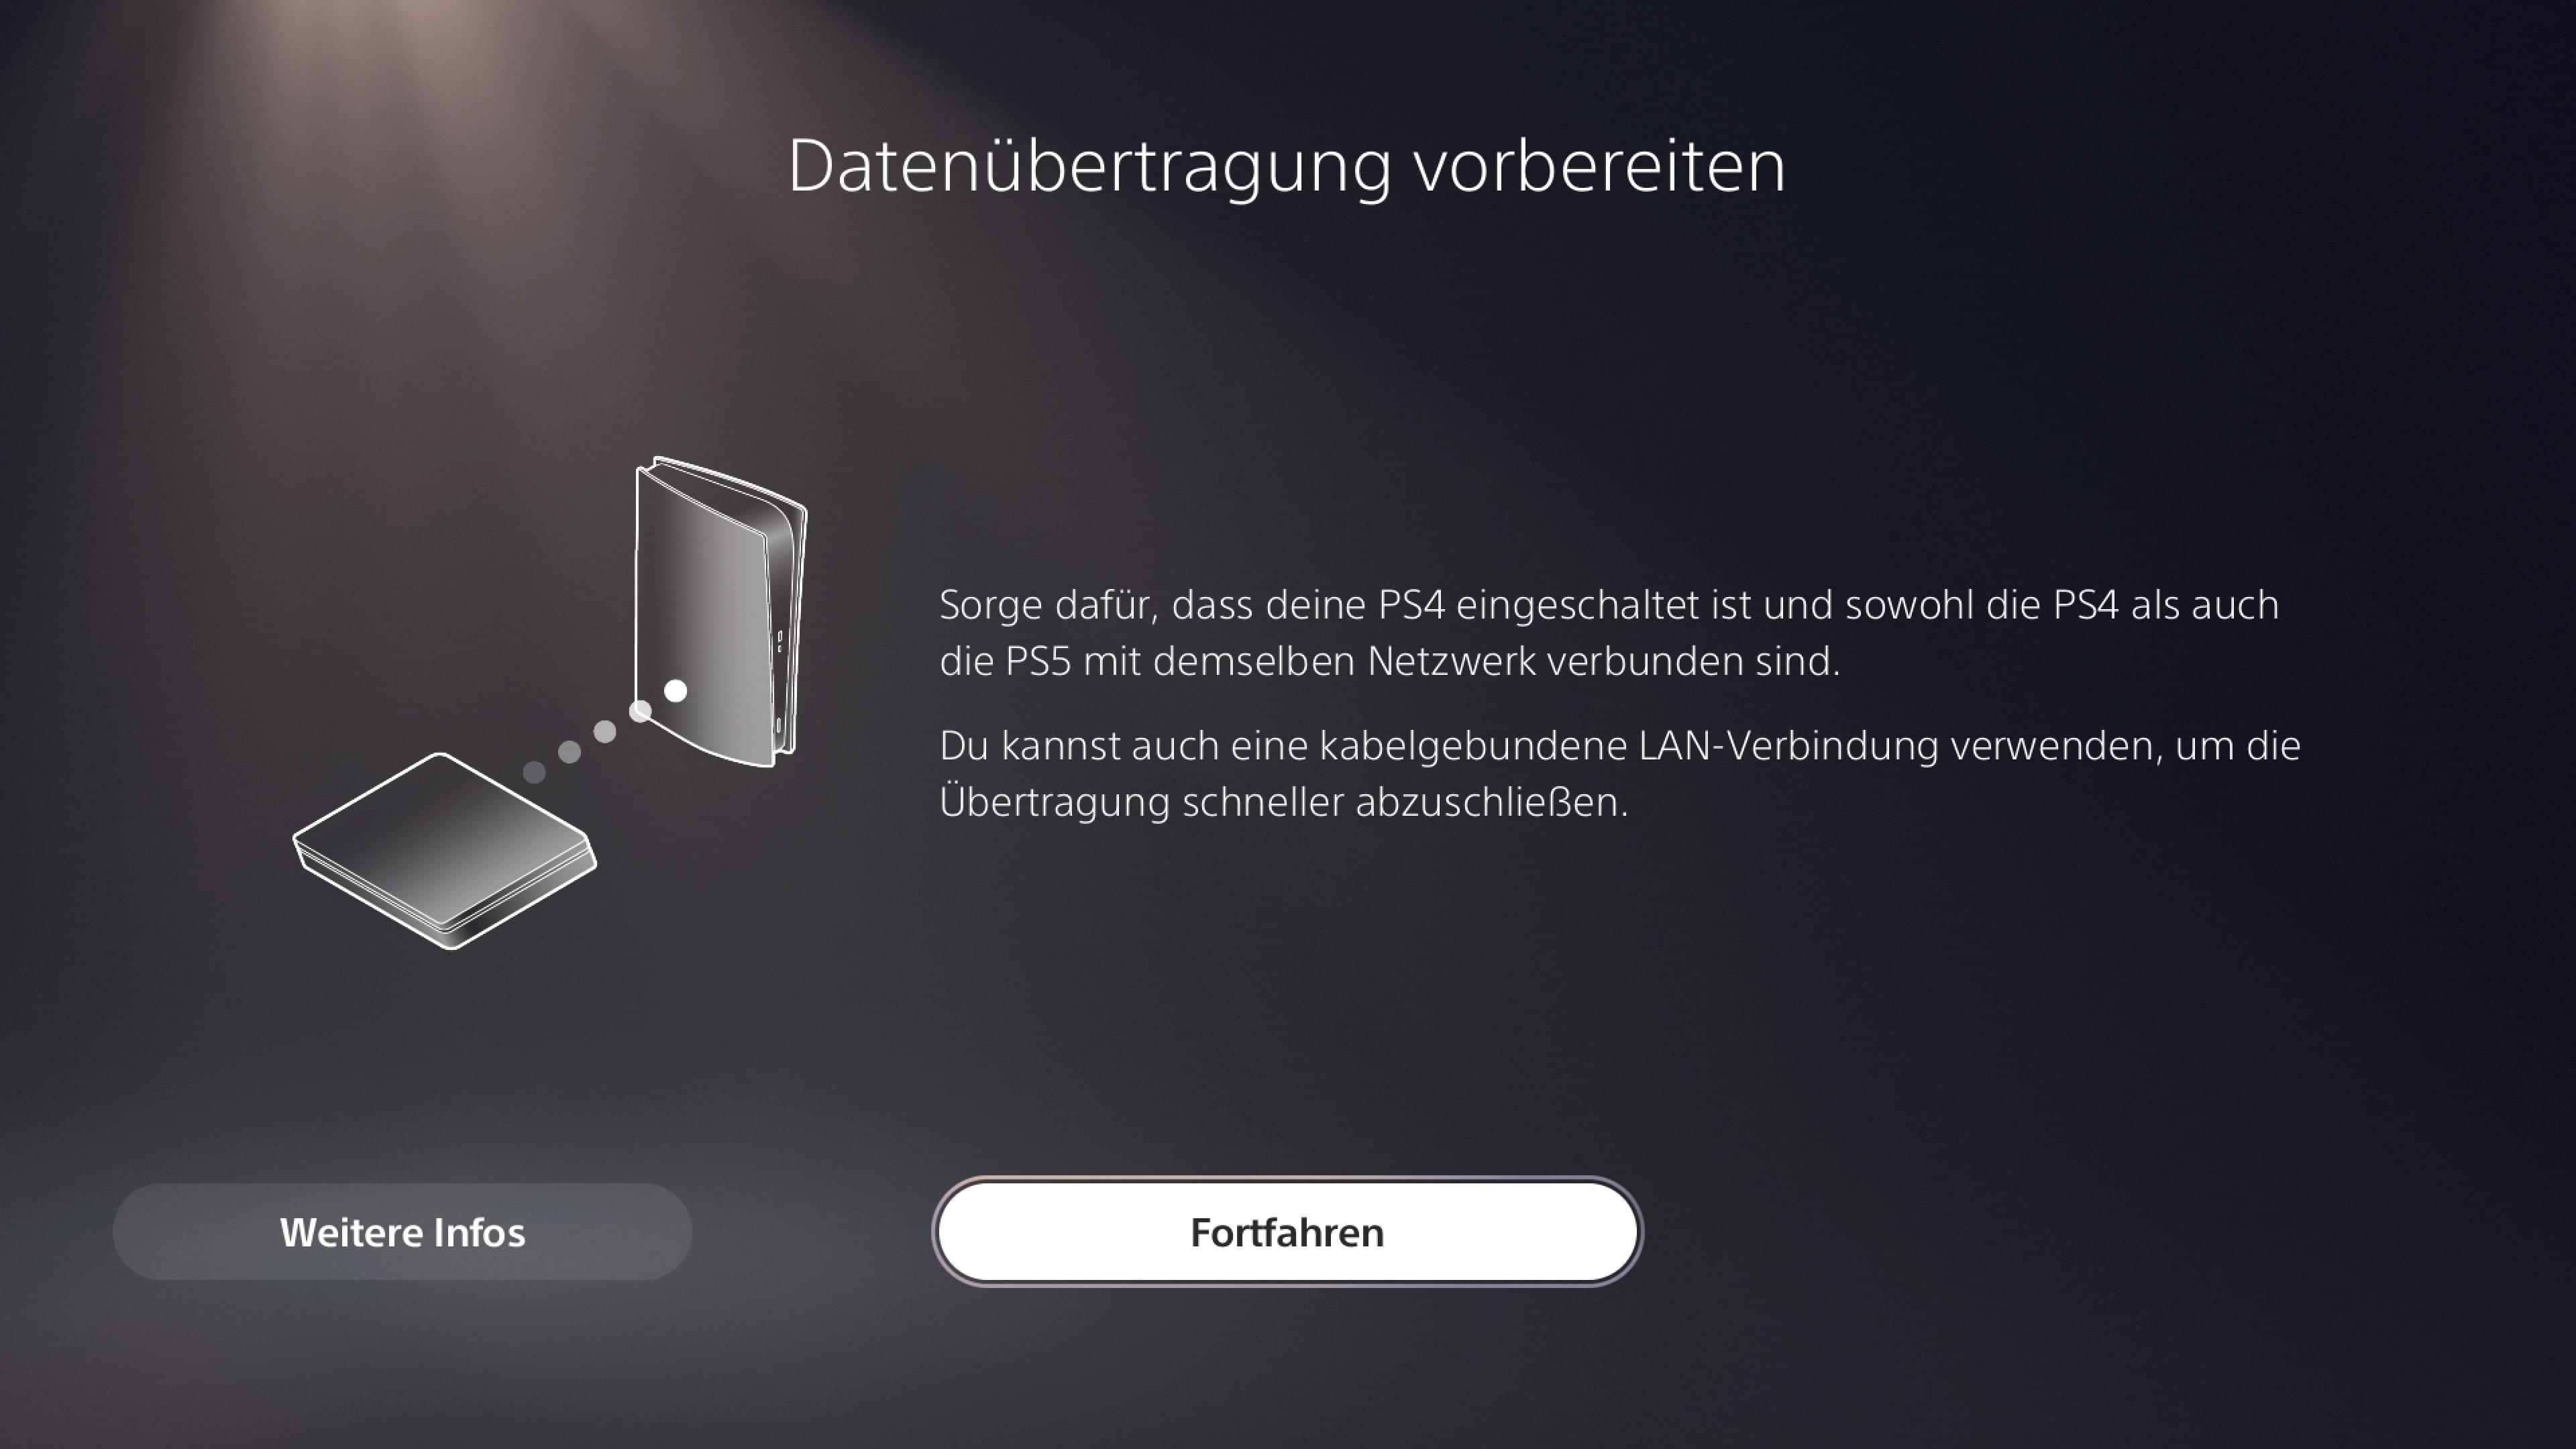 PS5 Ersteinrichtung Daten übertragen